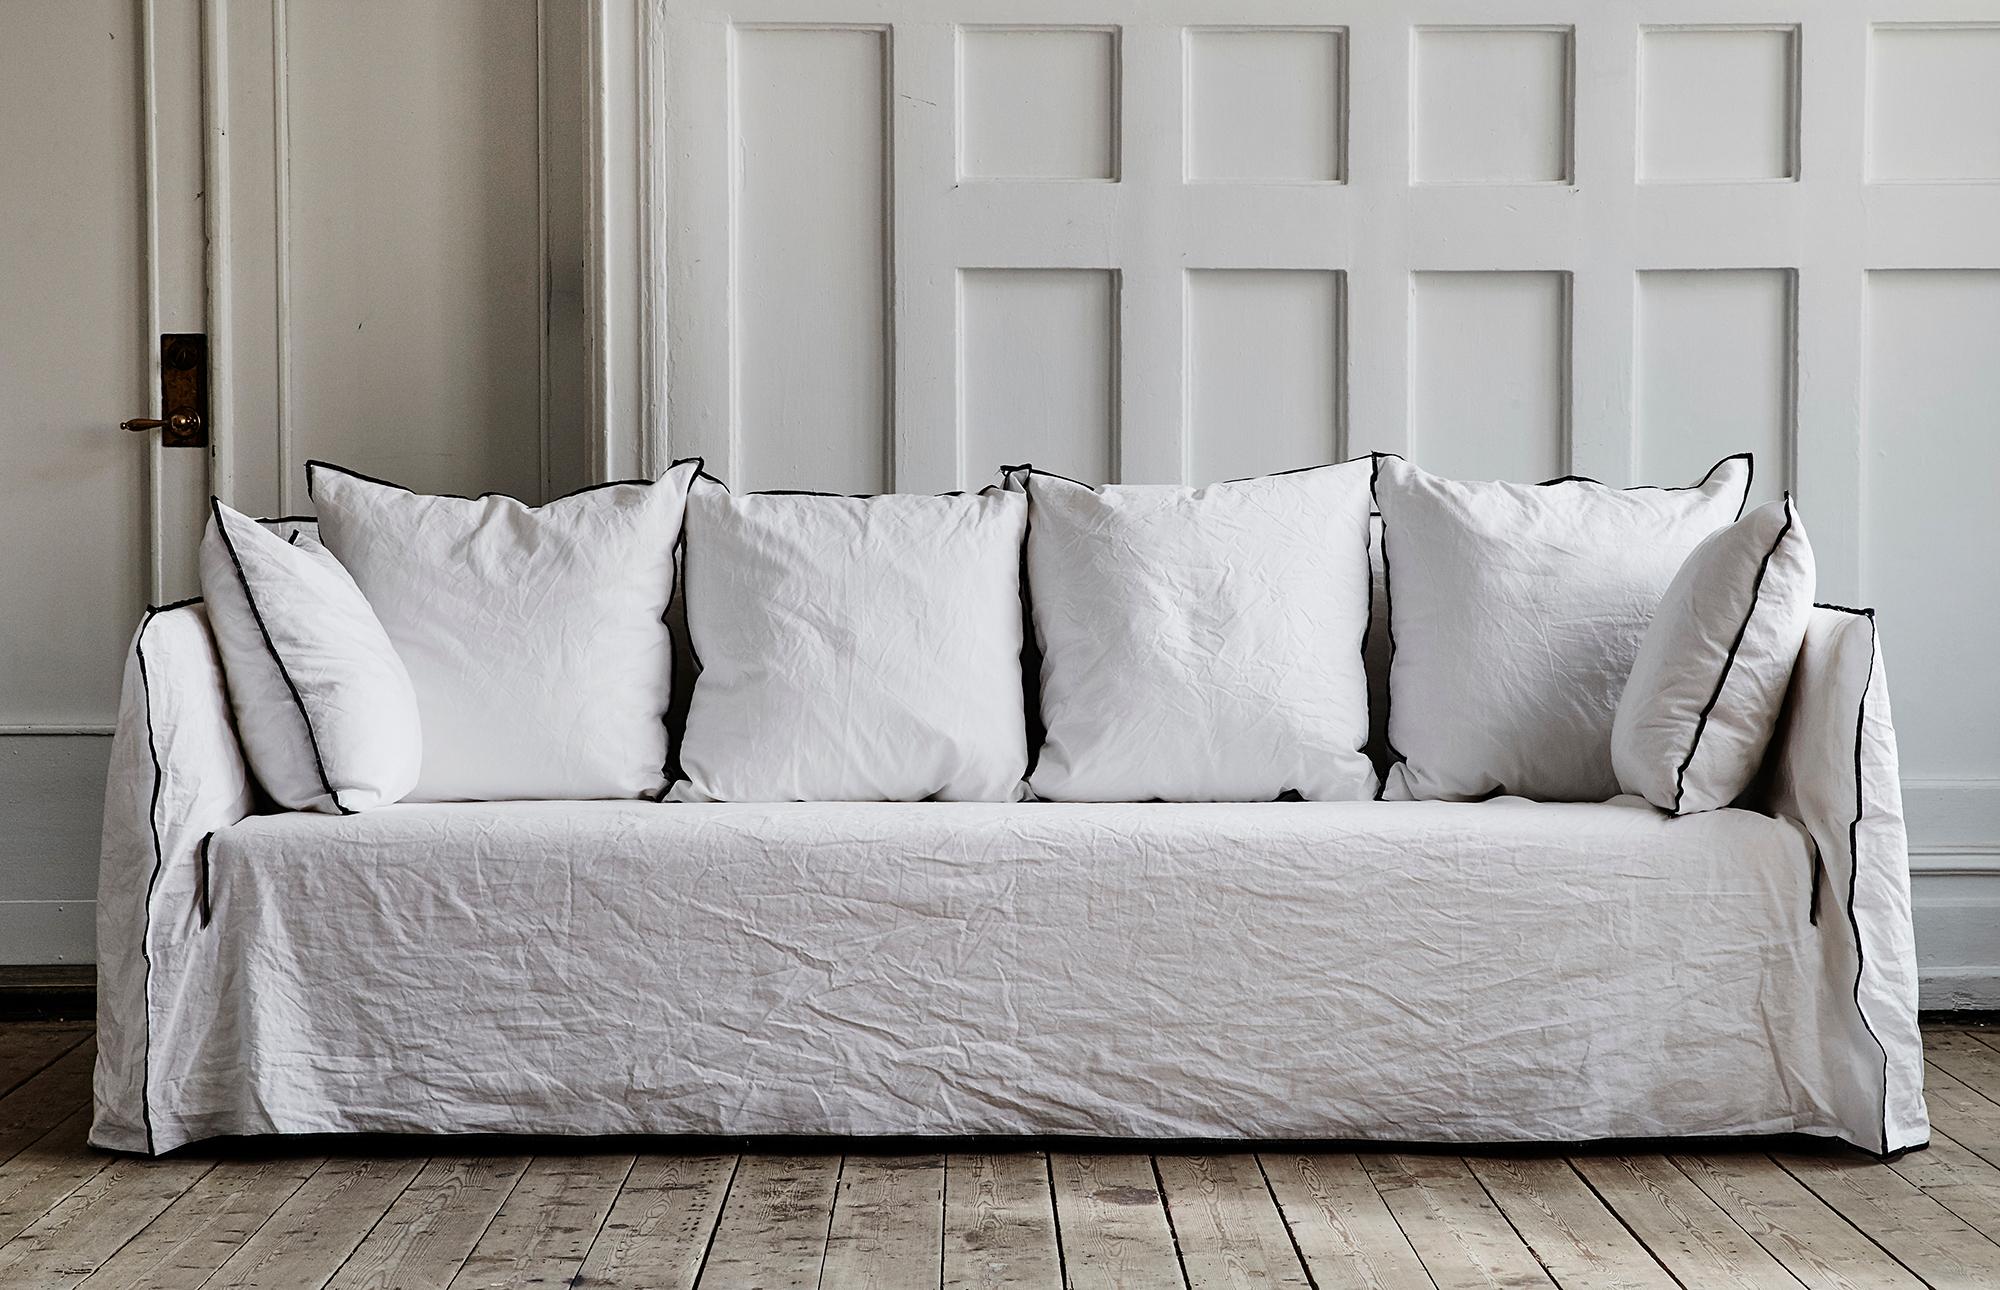 10989_f044059d18-soffa-11429-zoom.jpg